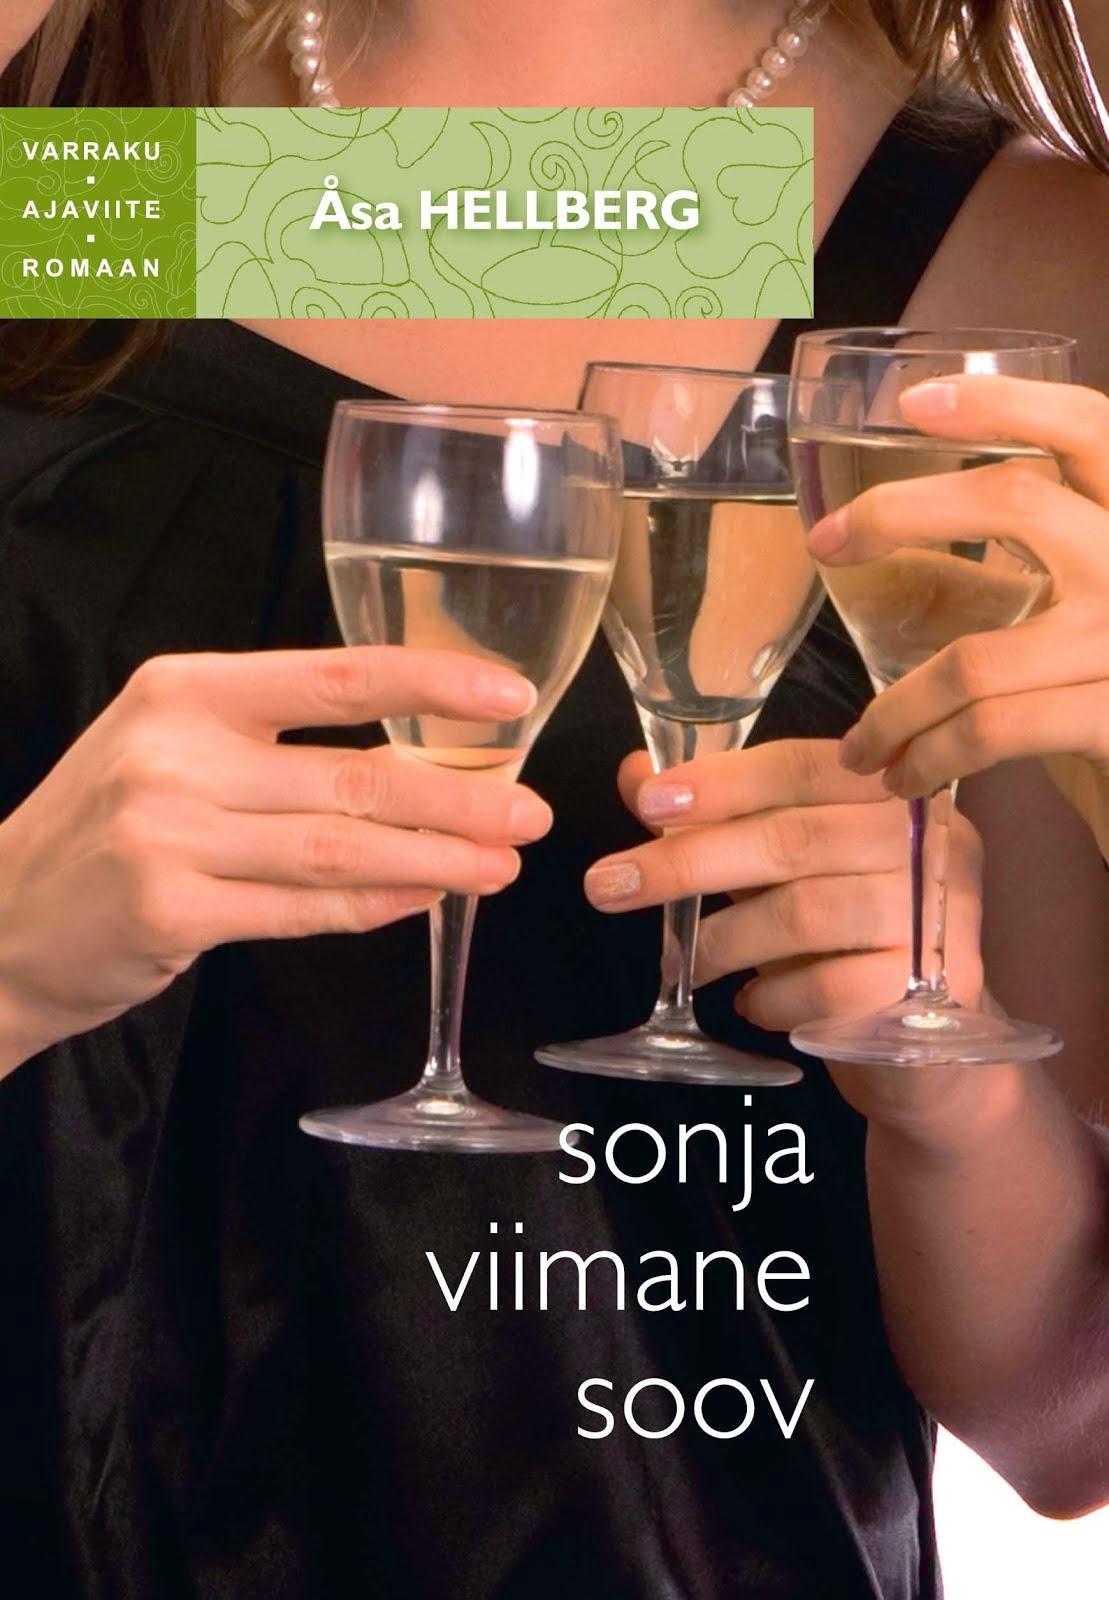 Sonja sista vilja, Estland